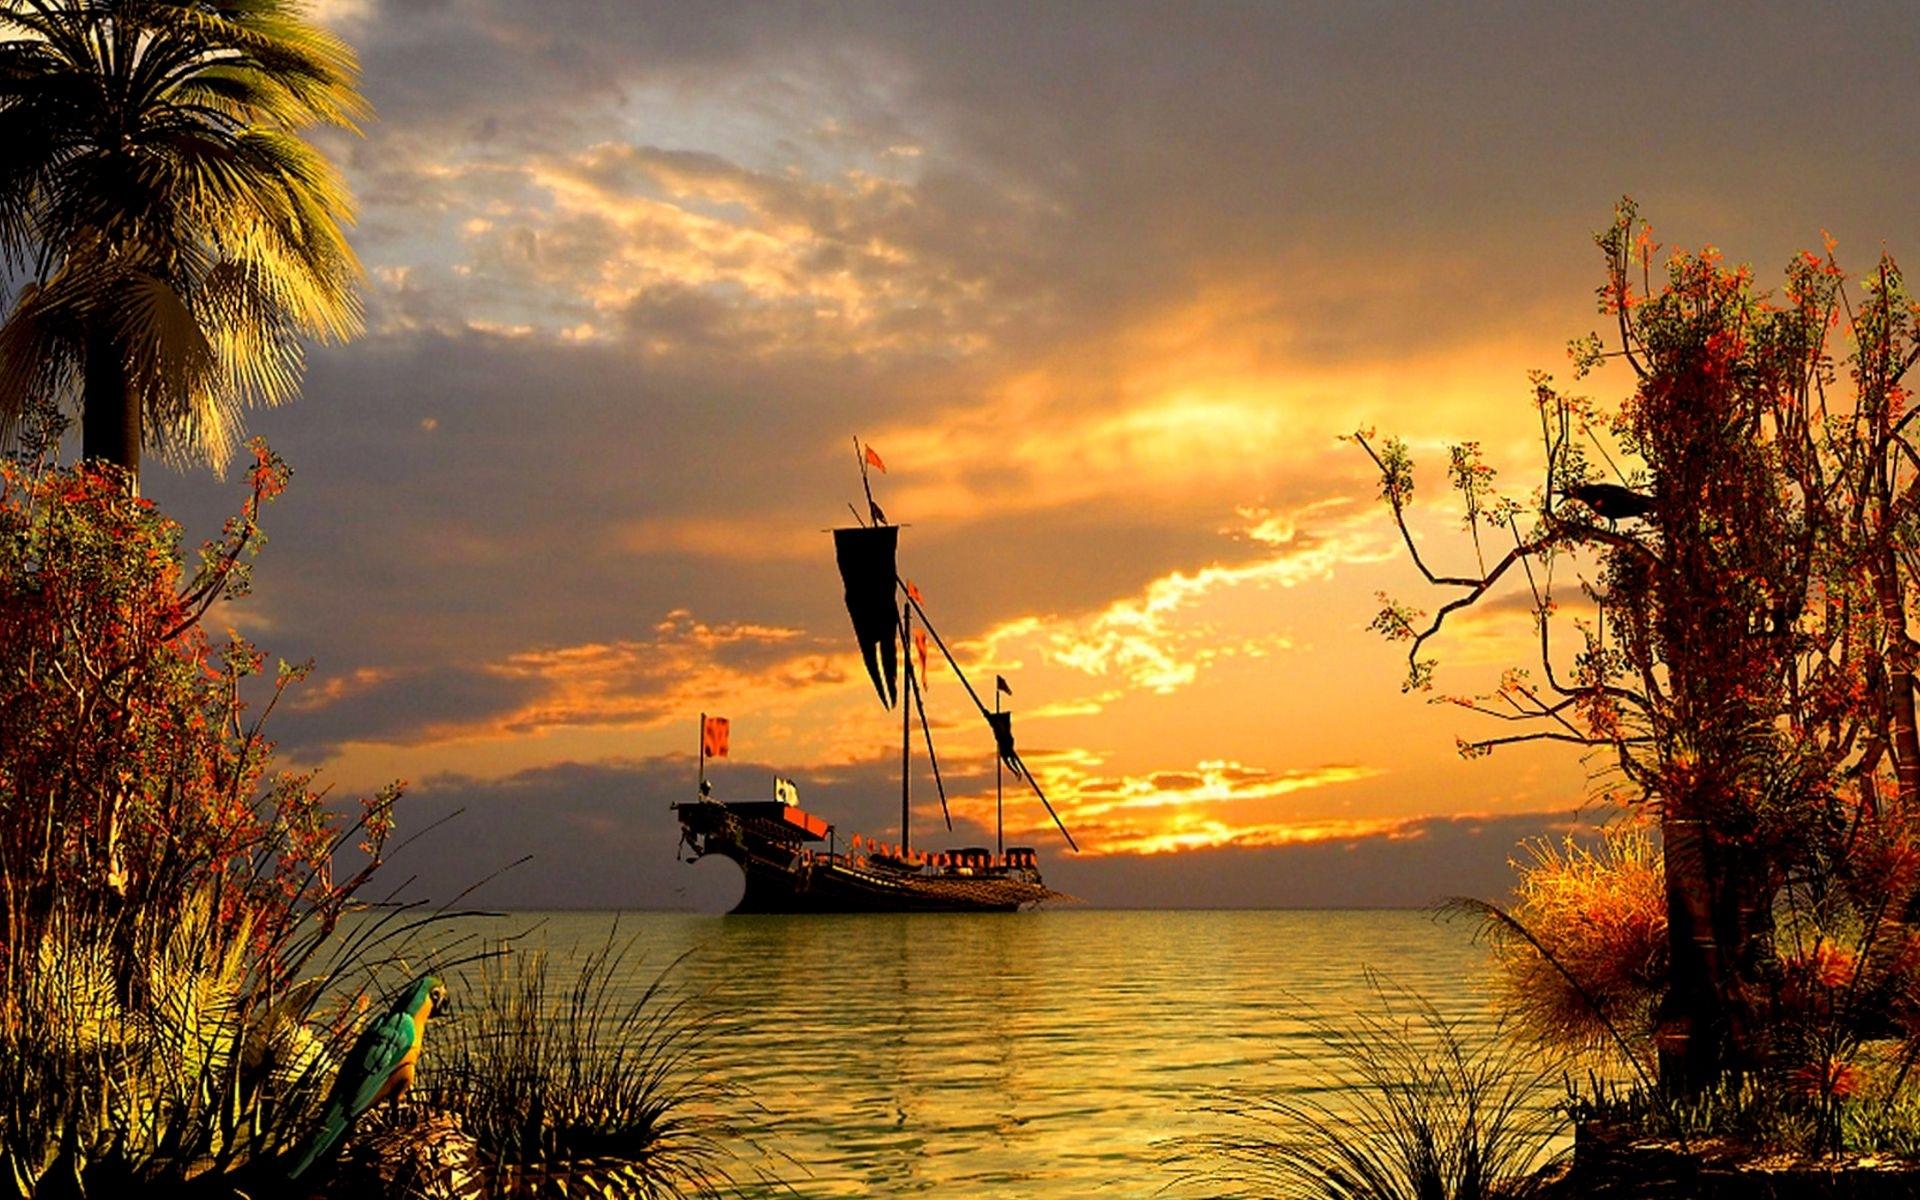 42957 Заставки и Обои Корабли на телефон. Скачать Транспорт, Пейзаж, Корабли картинки бесплатно